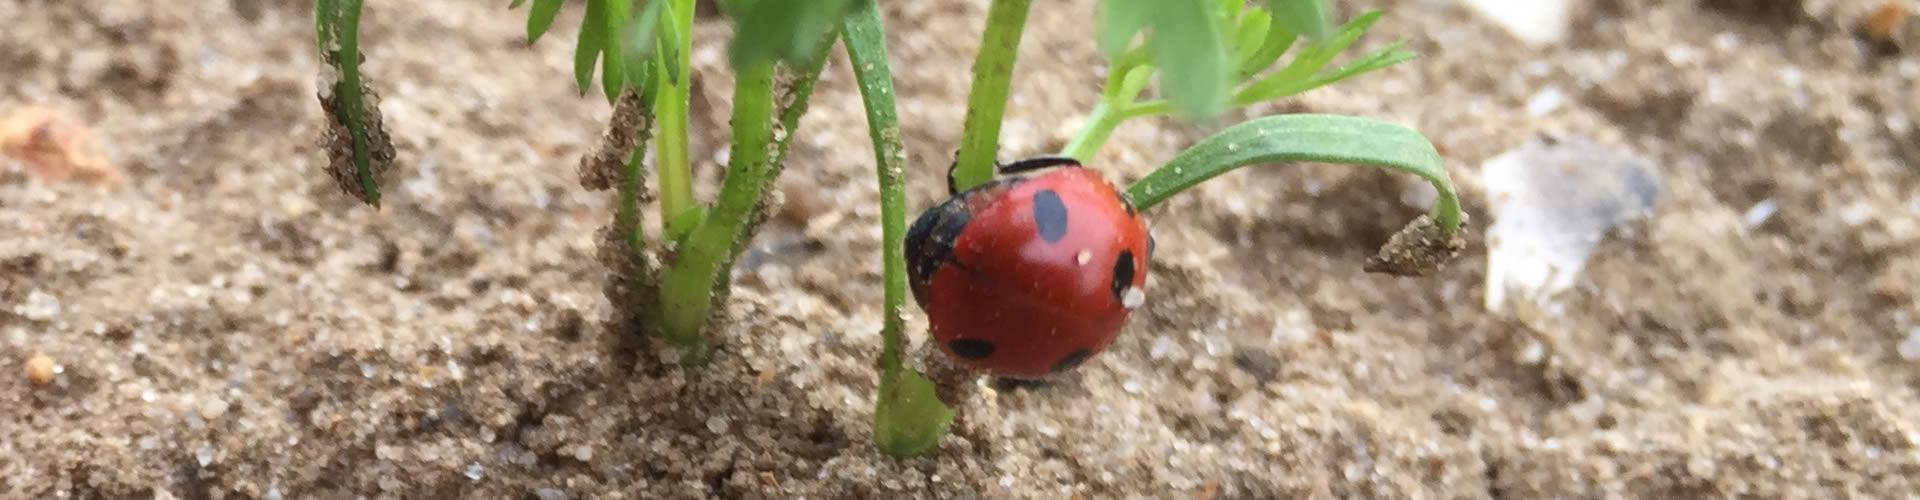 organic vegetable growers